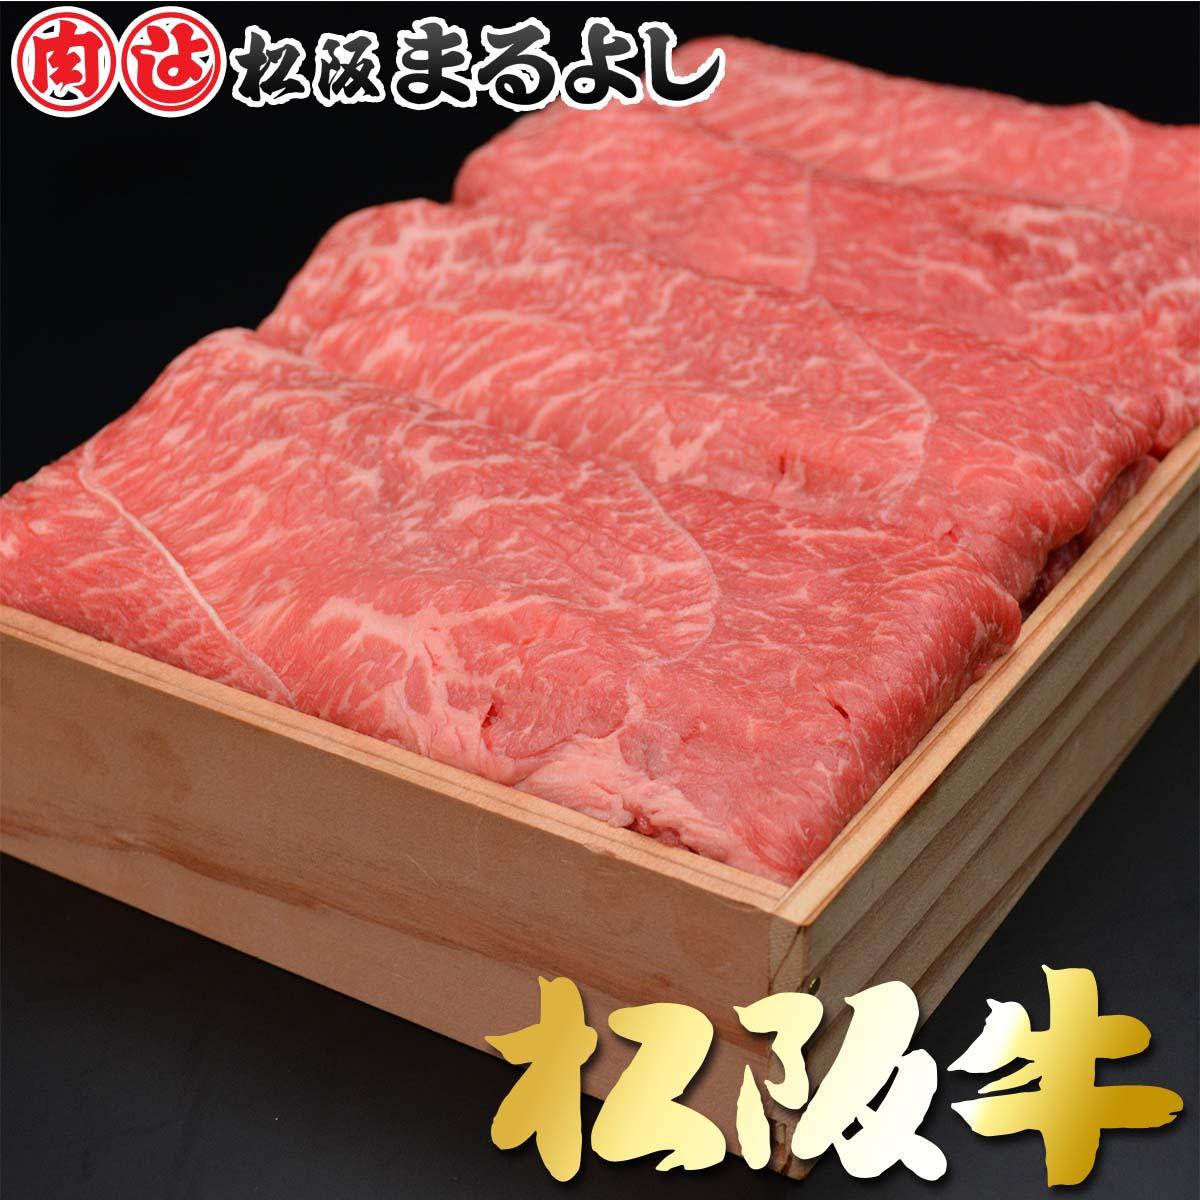 松阪牛 まるよし すき焼き N 肩 モモ バラ 木箱 ギフト 1000g 敬老の日 プレゼント